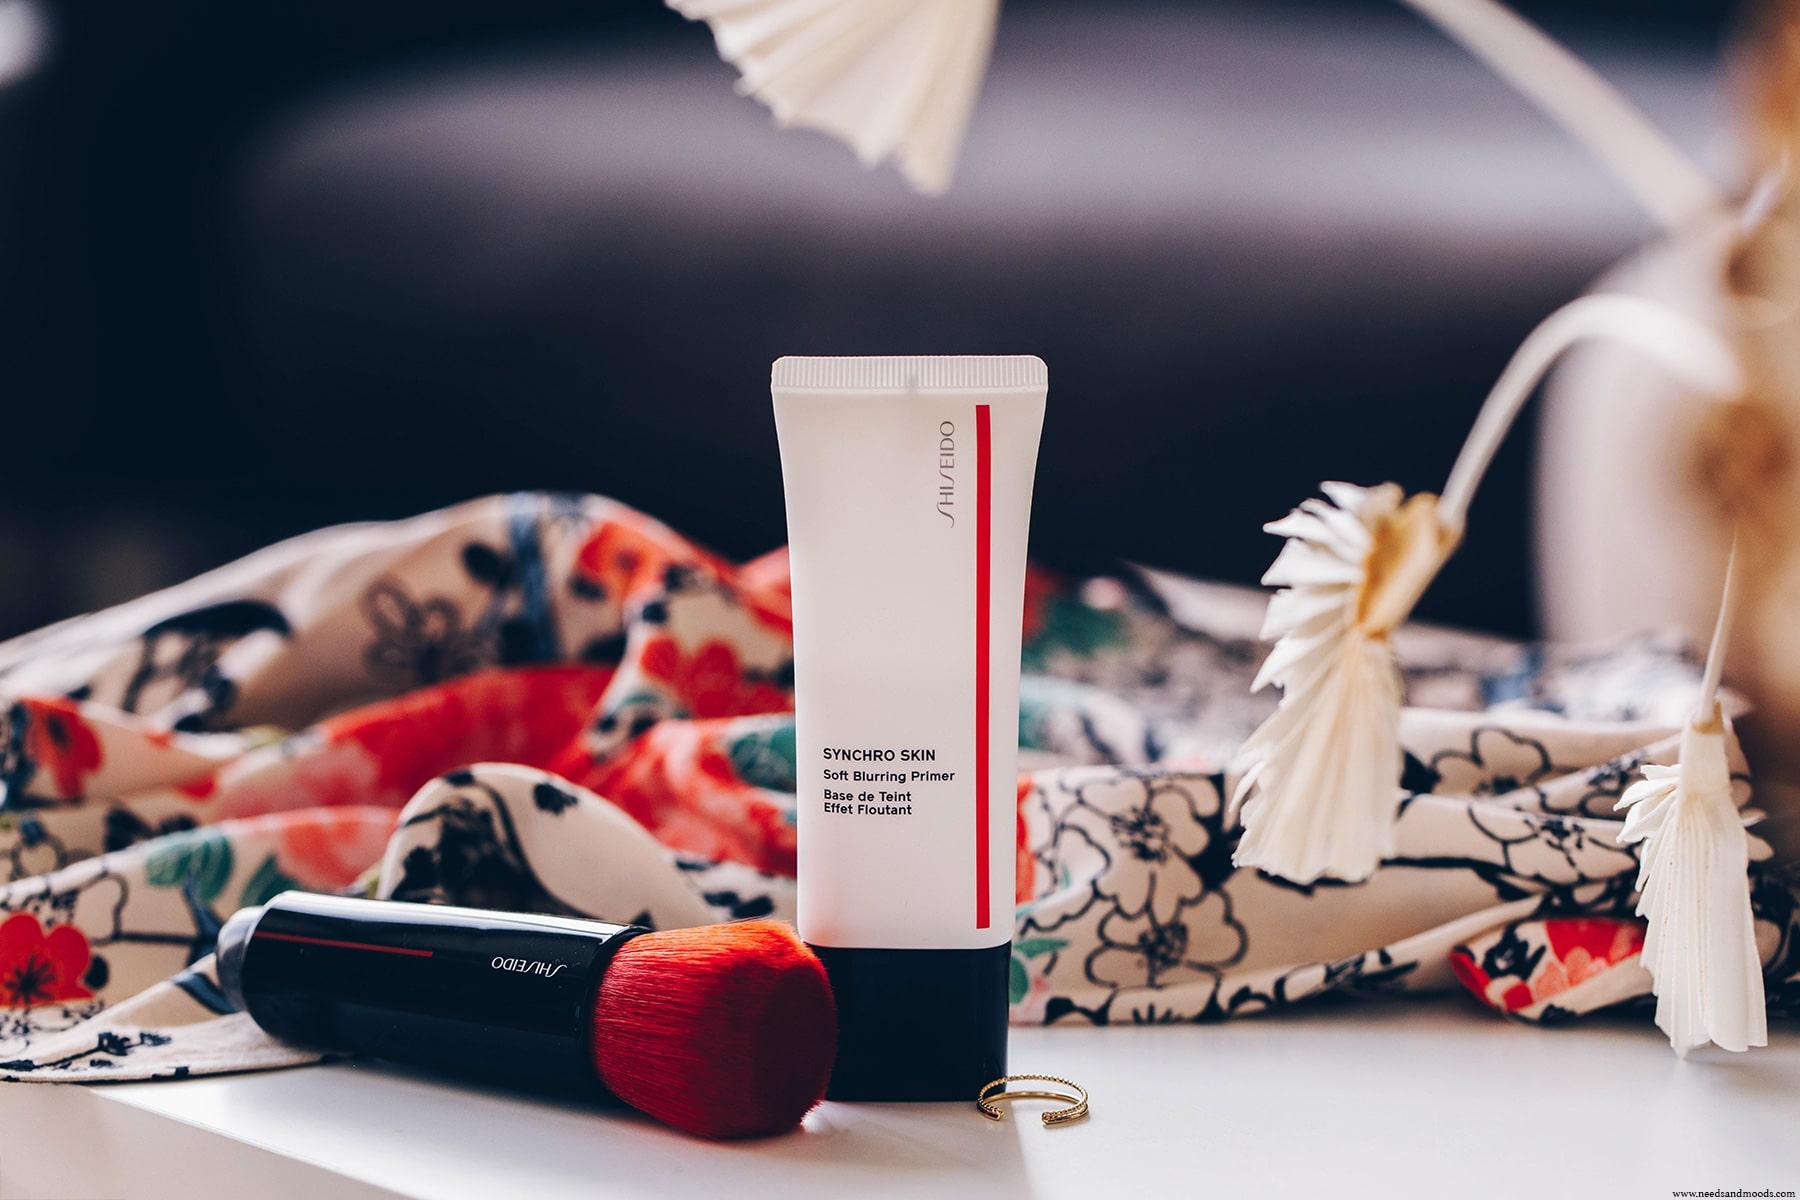 shiseido synchro skin base teint effet floutant